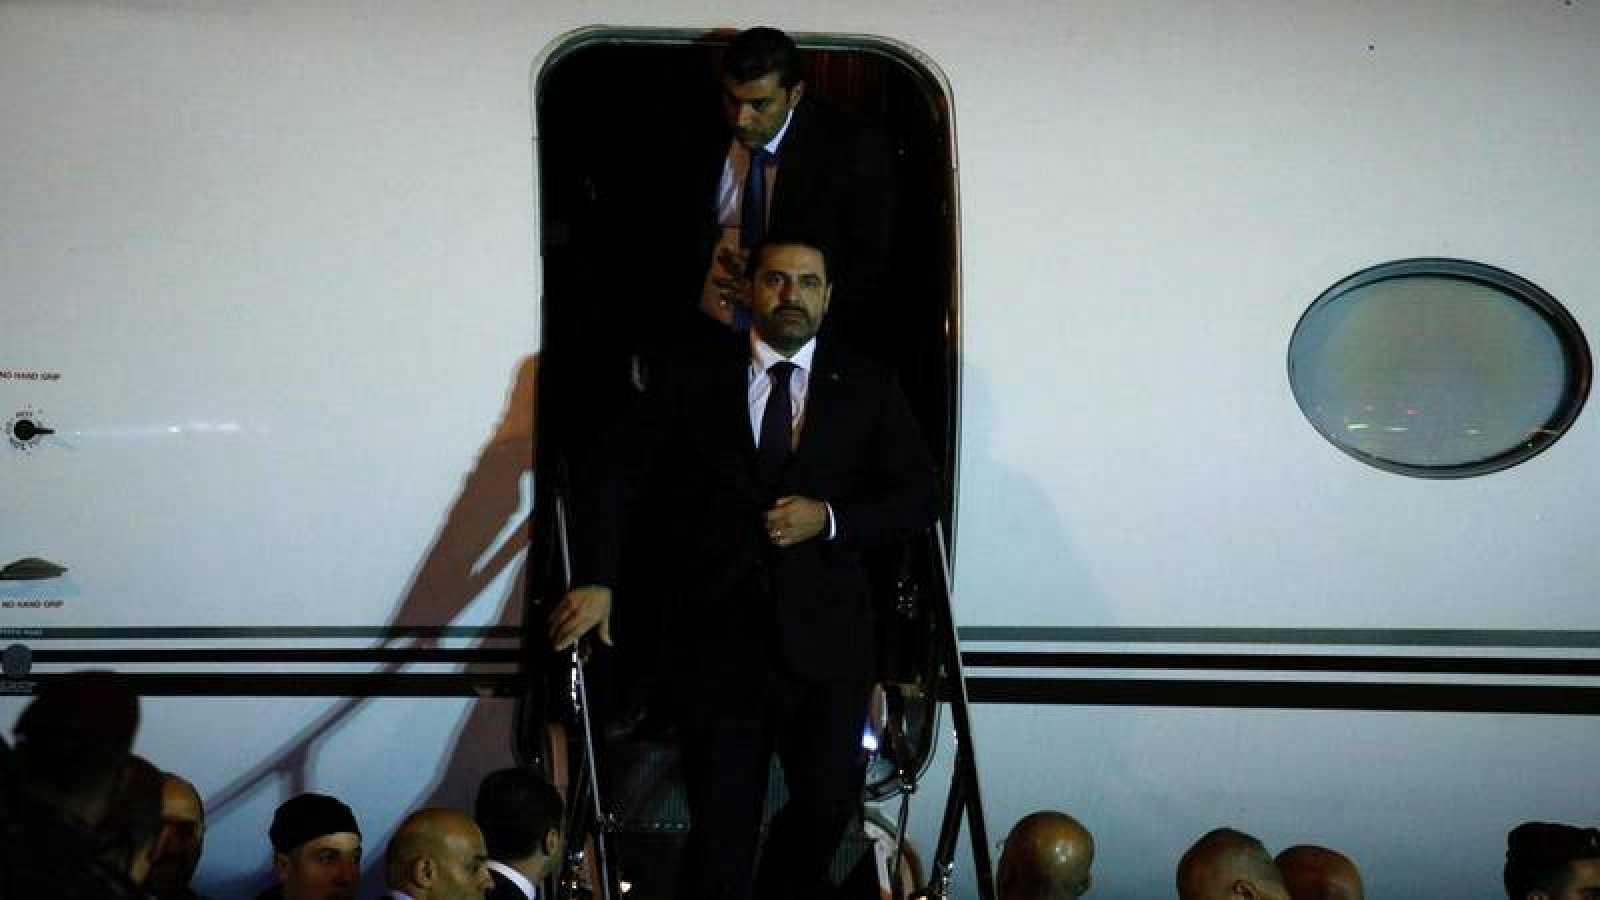 El primer ministro dimisionario de Líbano, Saad al-Hariri, desciende por las escalerillas del avión en el aeropuerto de Beirut.